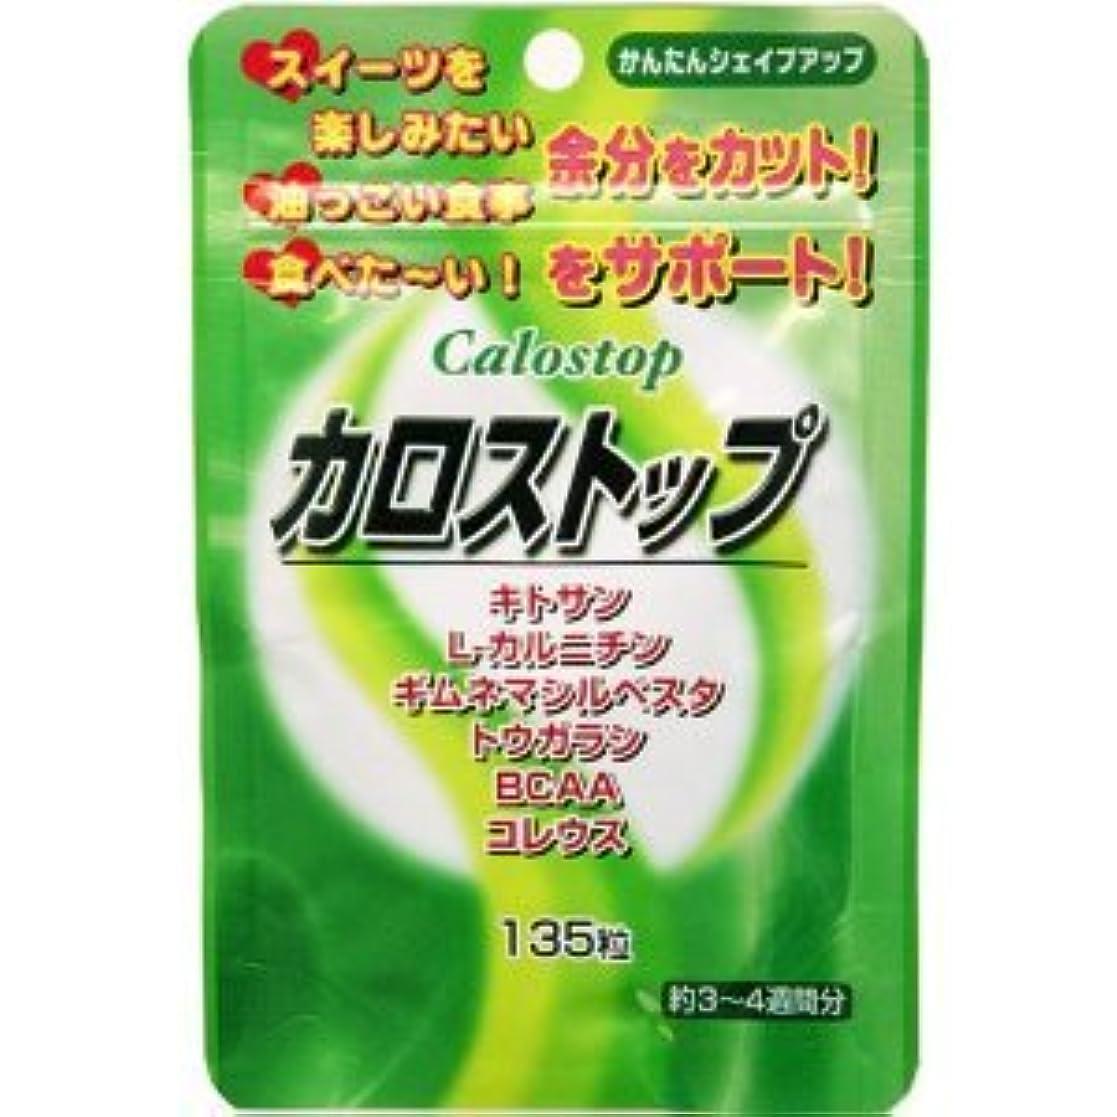 レパートリー止まる退却ユウキ製薬(株) カロストップ6個セット